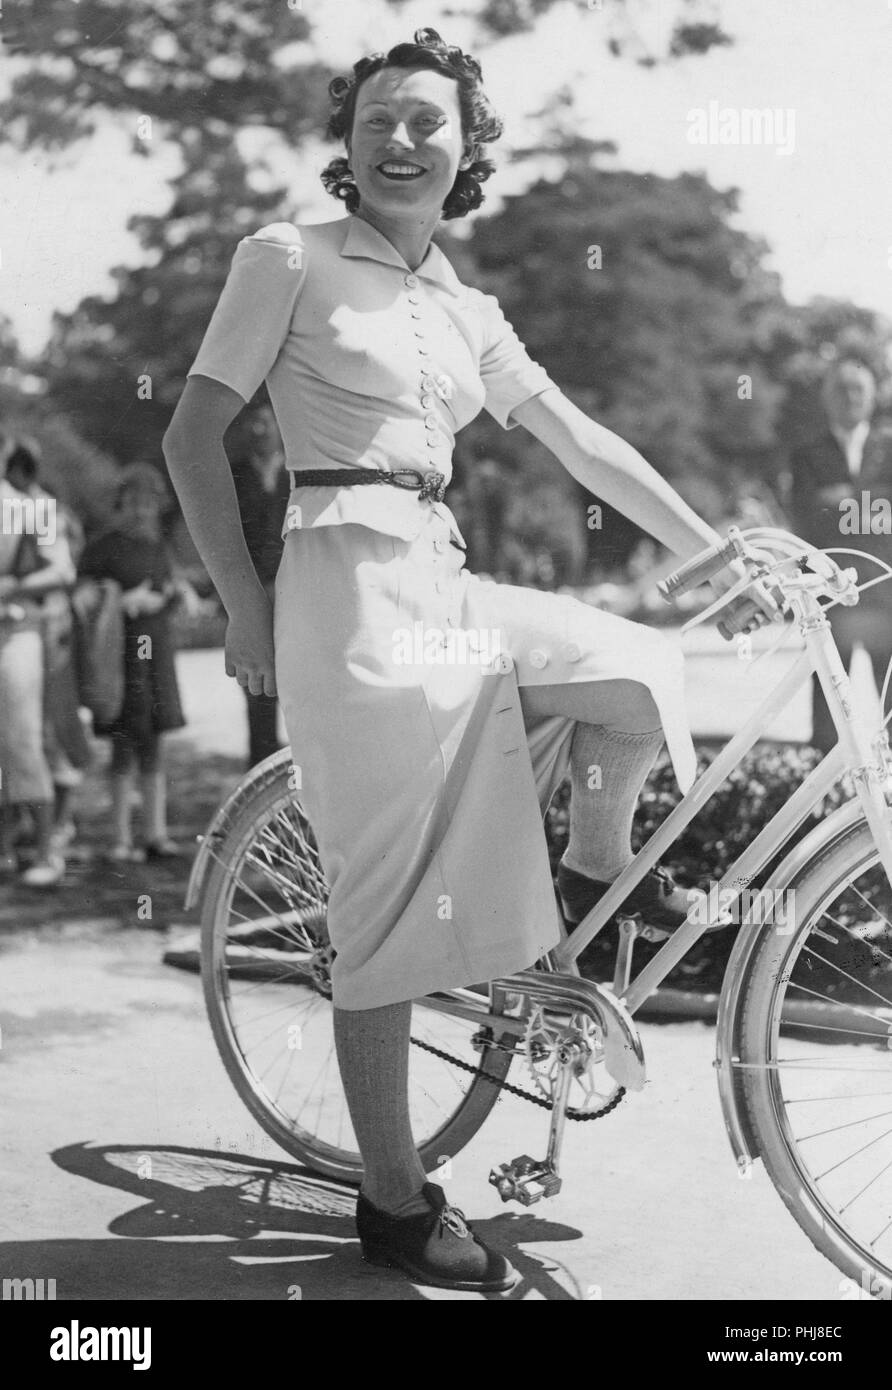 1930 Frau auf einem Fahrrad. Eine lächelnde junge Frau auf einem Fahrrad Frauen an einem sonnigen Tag. Schweden 1930 Stockbild